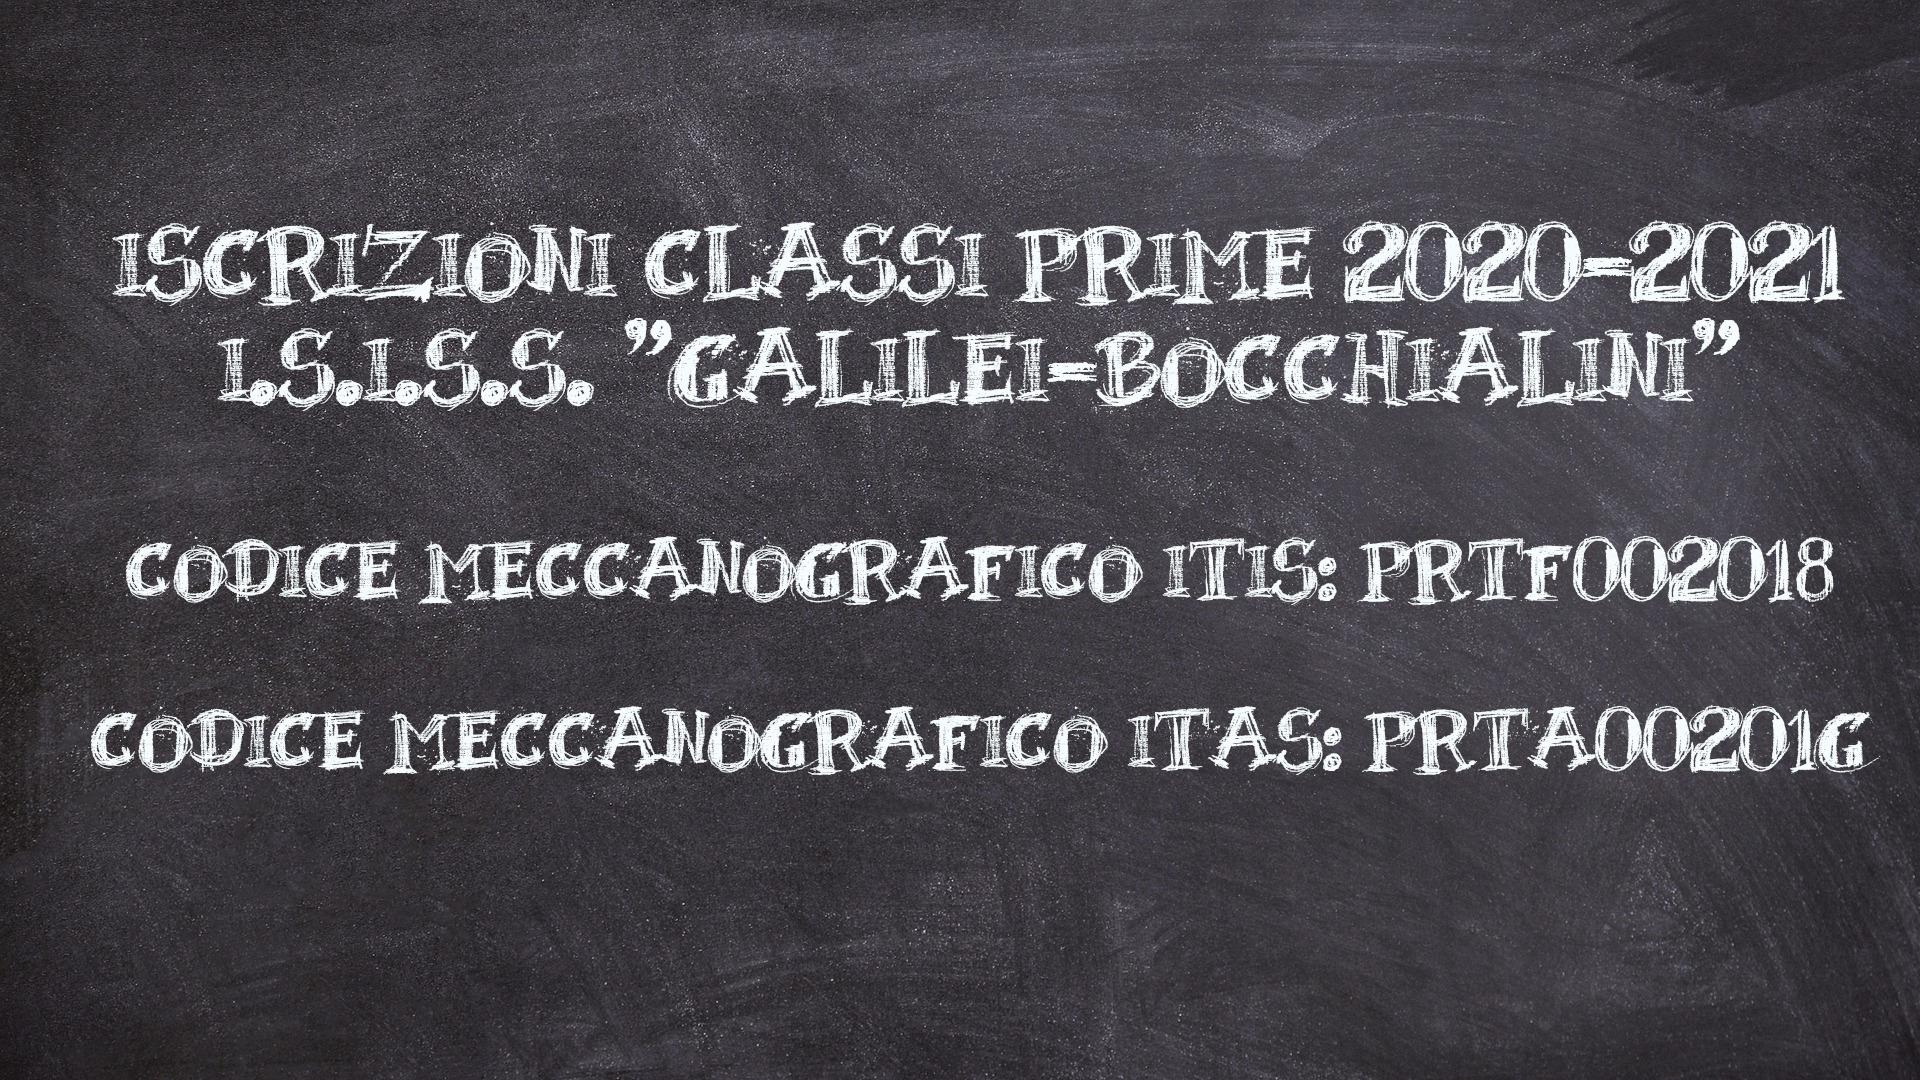 Iscrizioni classi prime 2020-2021 I.S.I.S.S